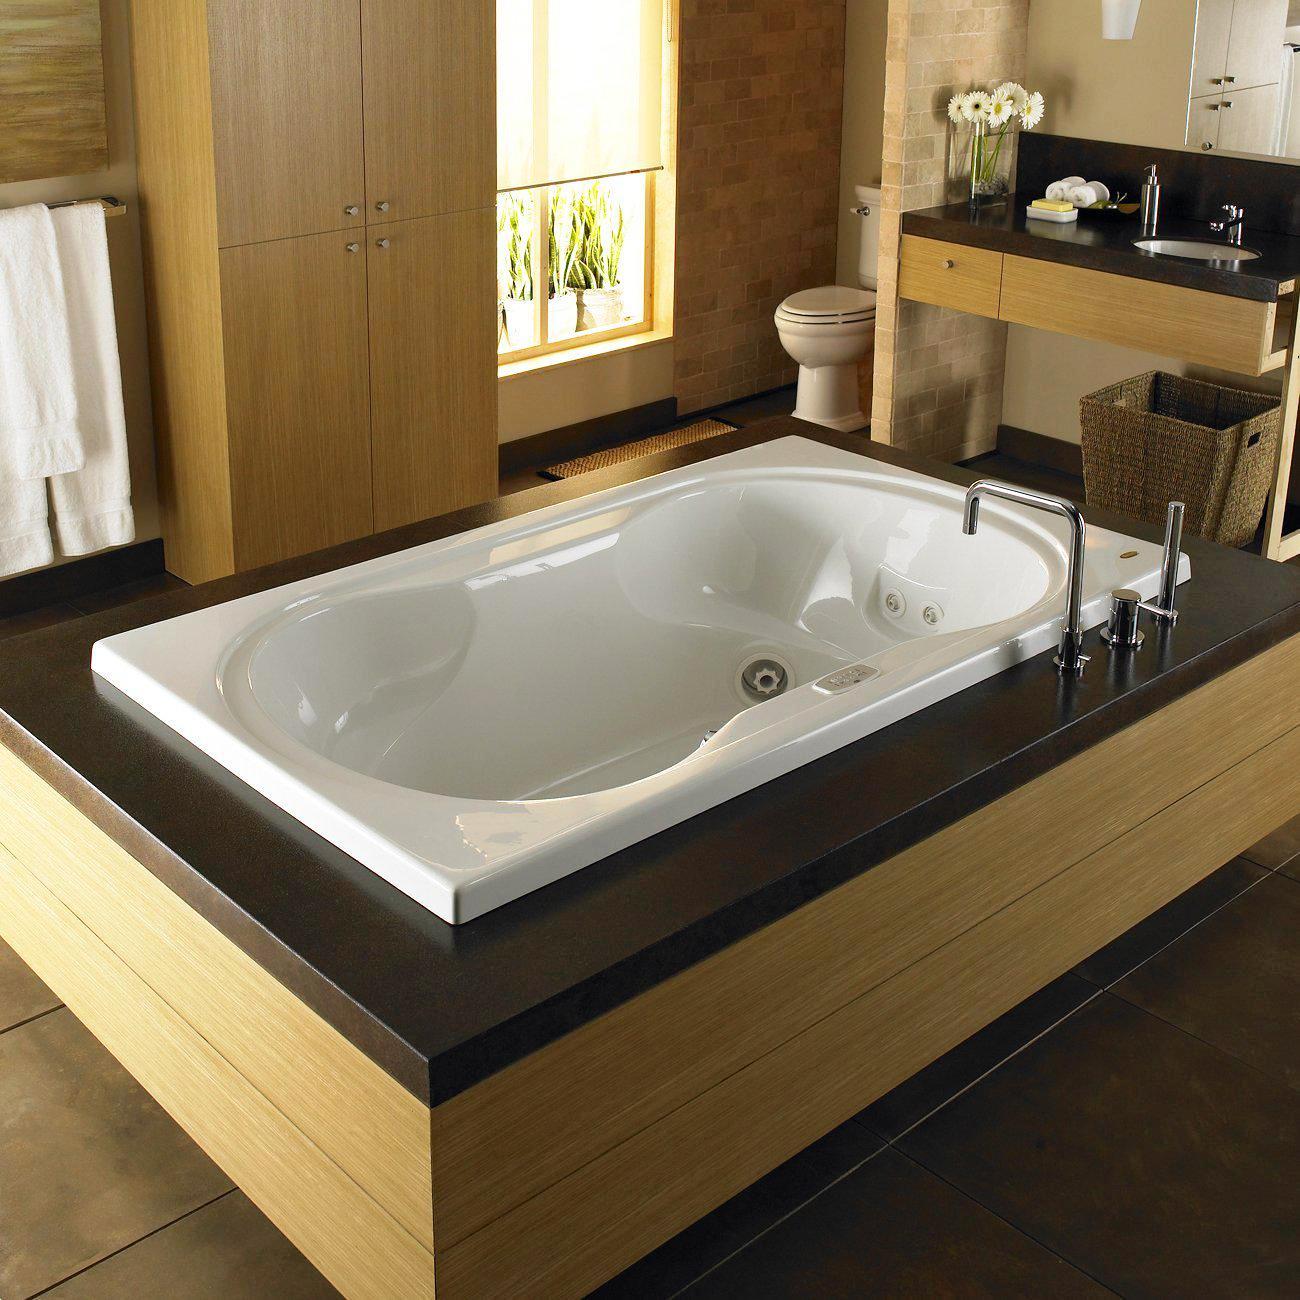 Whirlpool Tub Shower Combo Schmidt Gallery Design